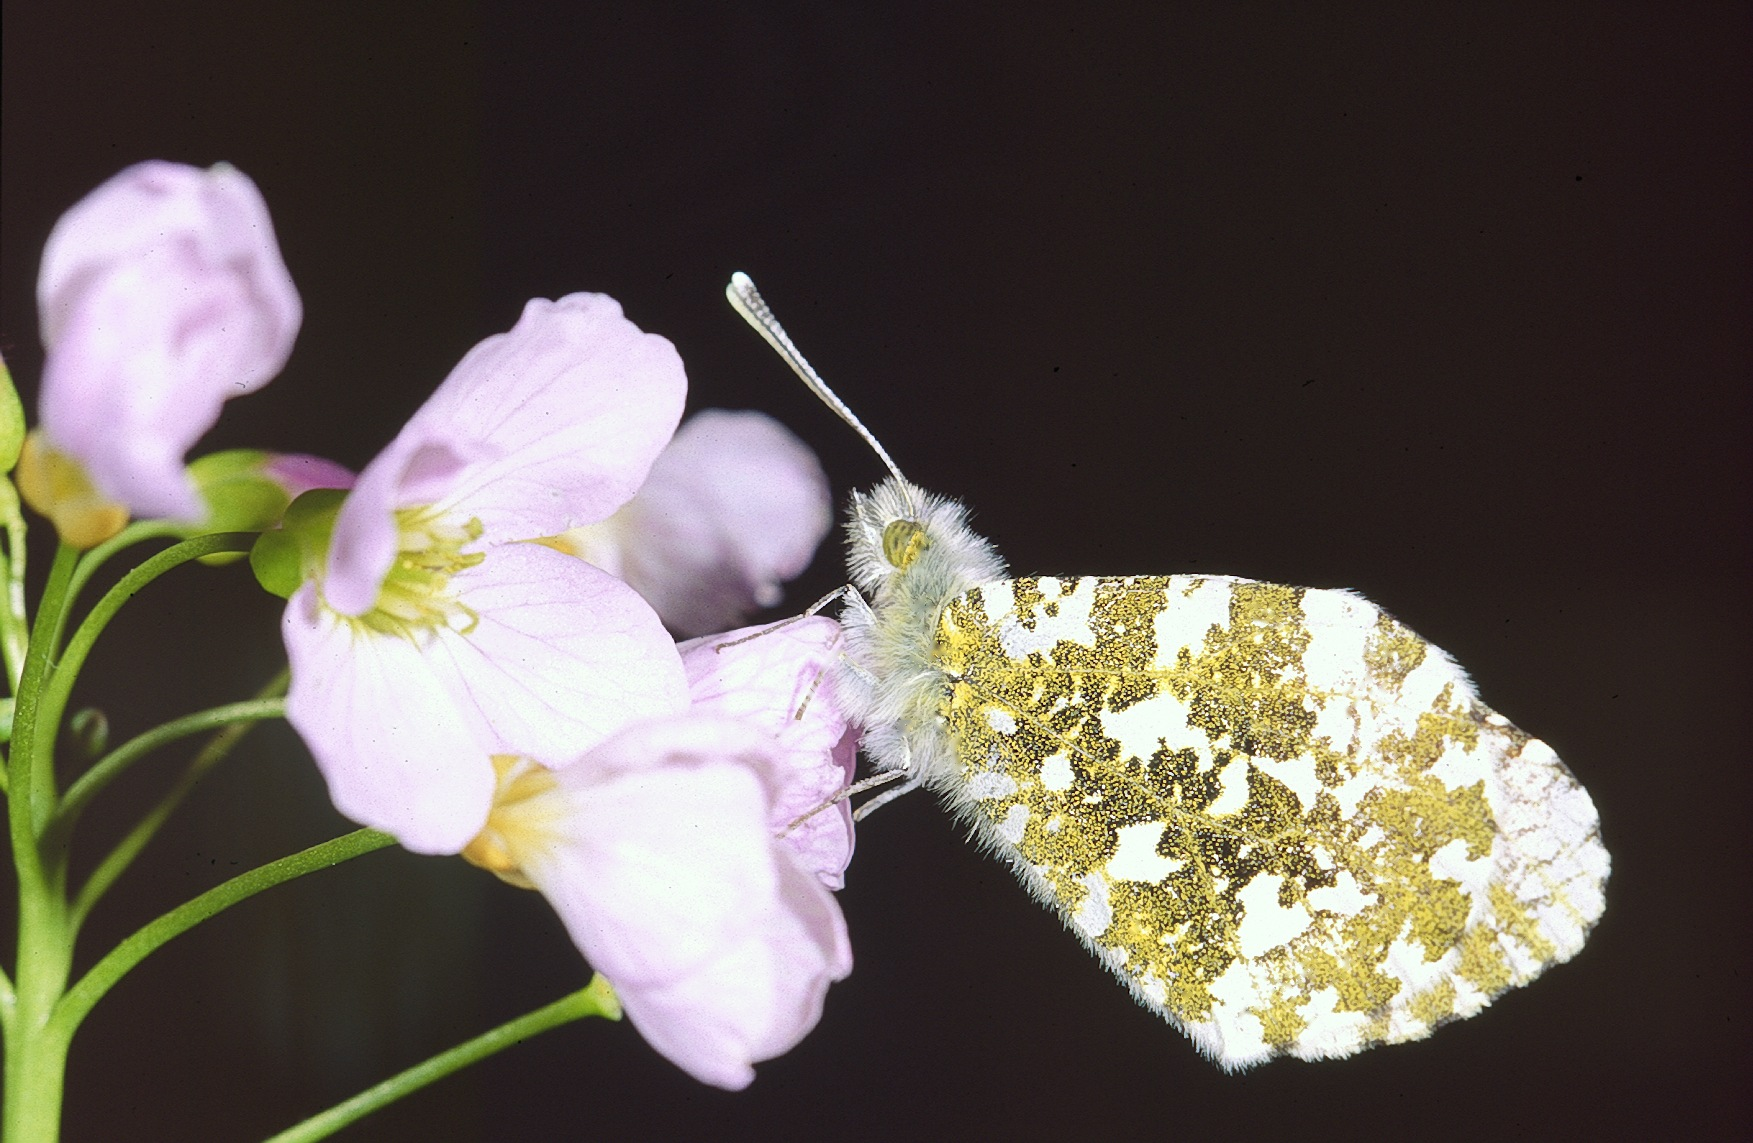 Cardamine des près plante utile sauvage salade papillon près du sentier au potager